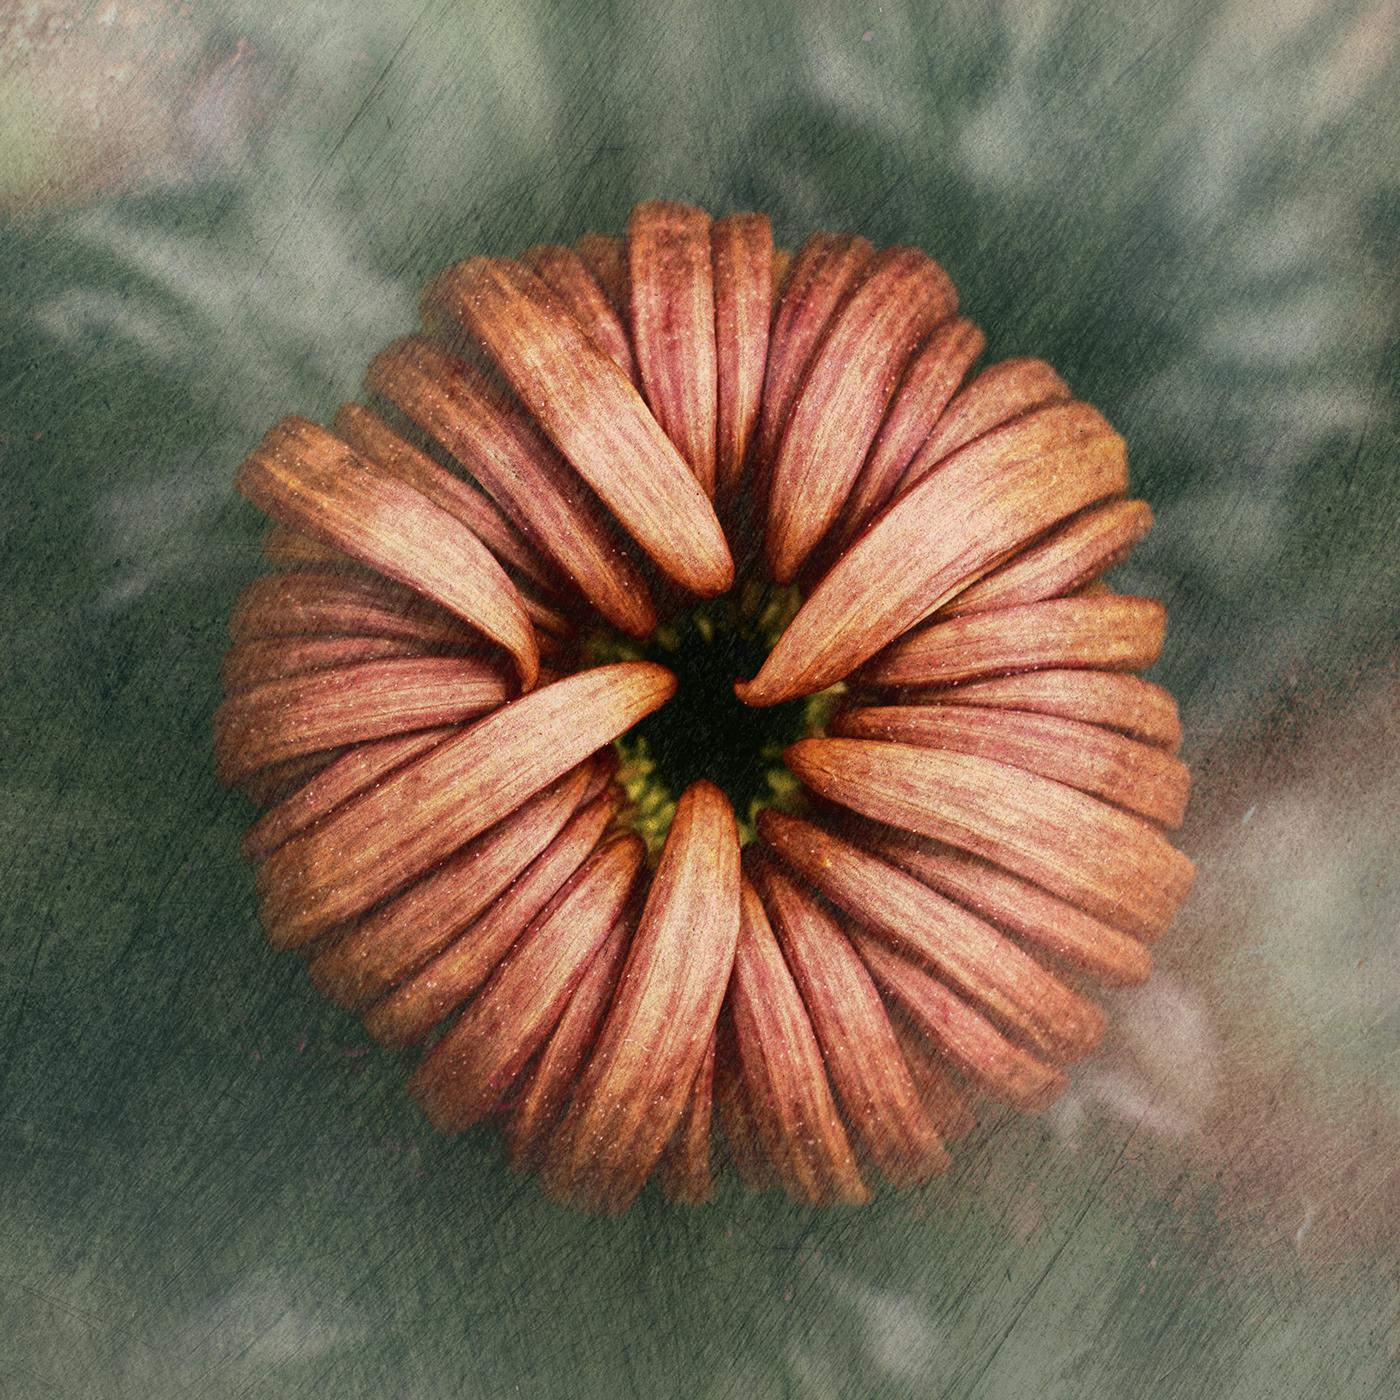 Herbst | Autumn / фотограф  Bettina Güber